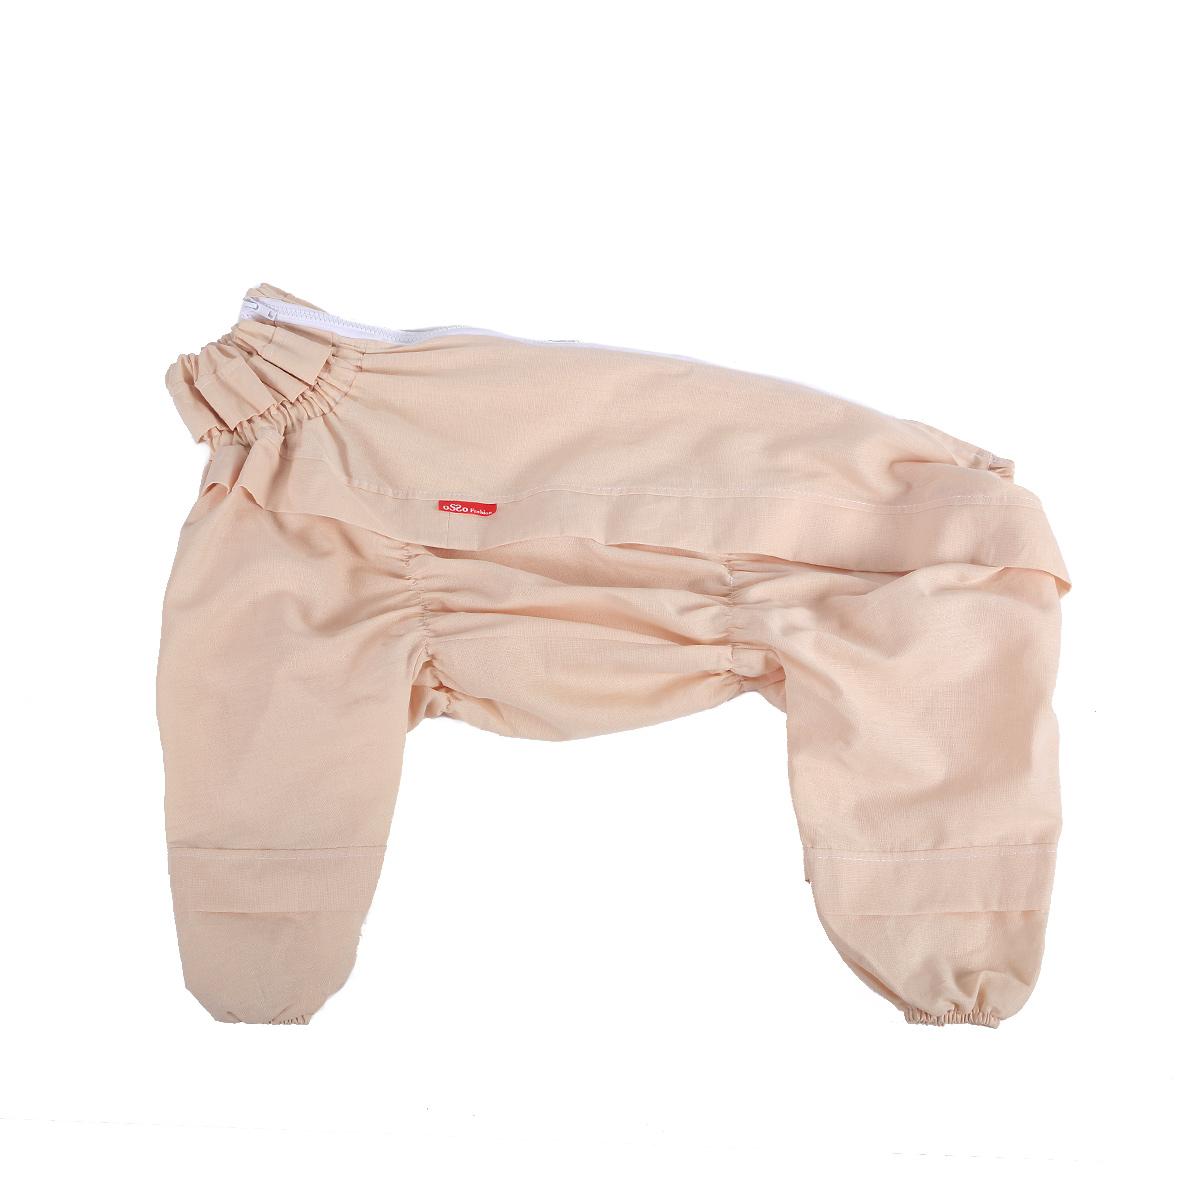 Комбинезон для собак OSSO Fashion, от клещей, для девочки, цвет: бежевый. Размер 600120710Состав: 100% хлопок Цвет: бежевый Комбинезон от клещей с ловушками OSSO изготовлен из 100% хлопка, имеет светлую расцветку, на которой сразу будут заметны кровососущие насекомые. Комбинезон от клещей с ловушками OSSO предназначен для защиты собак во время прогулок по парку и лесу. Разработан с учетом особенностей поведения клещей. На комбинезоне от клещей OSSO имеются складки-ловушки на груди, на штанинах, на боках комбинезона и на шее, которые преграждают движение насекомого вверх. Комбинезон очень легкий и удобный. Низ штанин на резинке, на спине молния. Как это работает? Перед прогулкой нужно распылить акарицидное средство от клещей под складки-ловушки комбинезона (по всей длине складки). Клещ попадая под складку сам не может обойти препятствие и погибает, он также не может впиться в кожу питомца через ткань. Рекомендуем обрабатывать не весь комбинезон, а только складки-ловушки. После прогулки желательно осмотреть комбинезон на наличие клещей, предотвратив попадание их в дом. Комбинезоны от клещей с ловушками OSSO обеспечивают комфортные условия пребывания собаки на природе в любую погоду, в том числе и в летнюю жару в пик сезона активности клещей, за счет дышащей ткани из 100% хлопка и светлой расцветки.